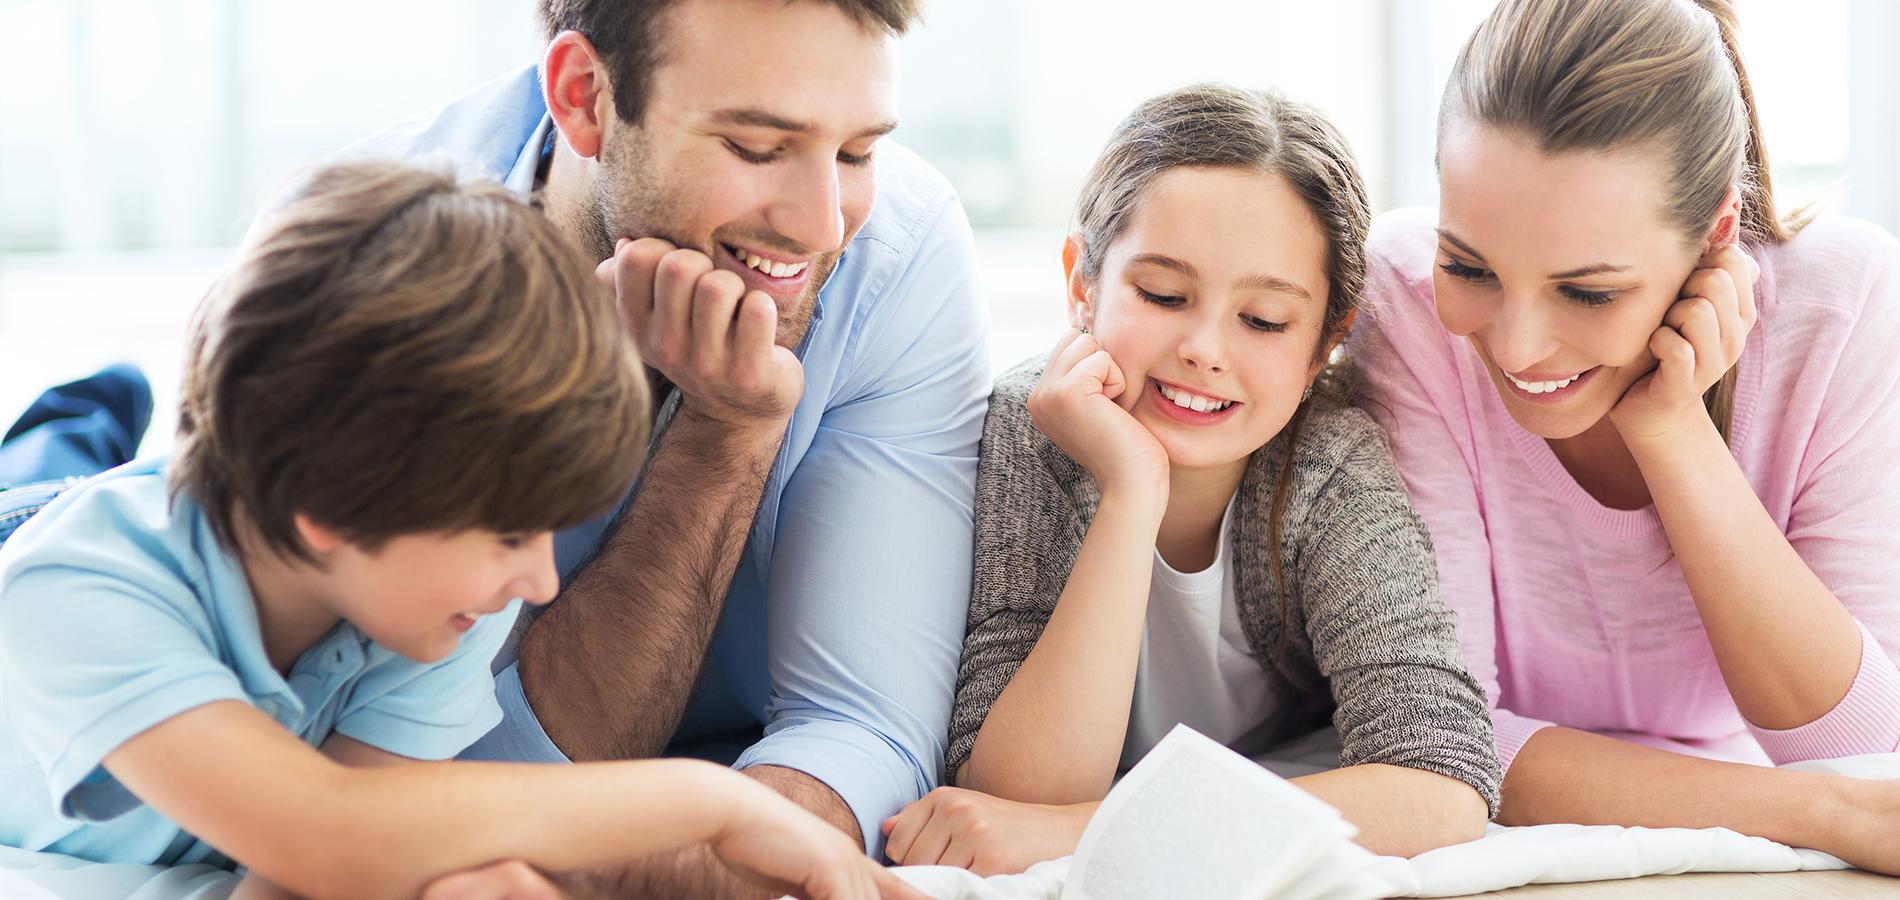 Tratamiento de psicología infantil y adultos